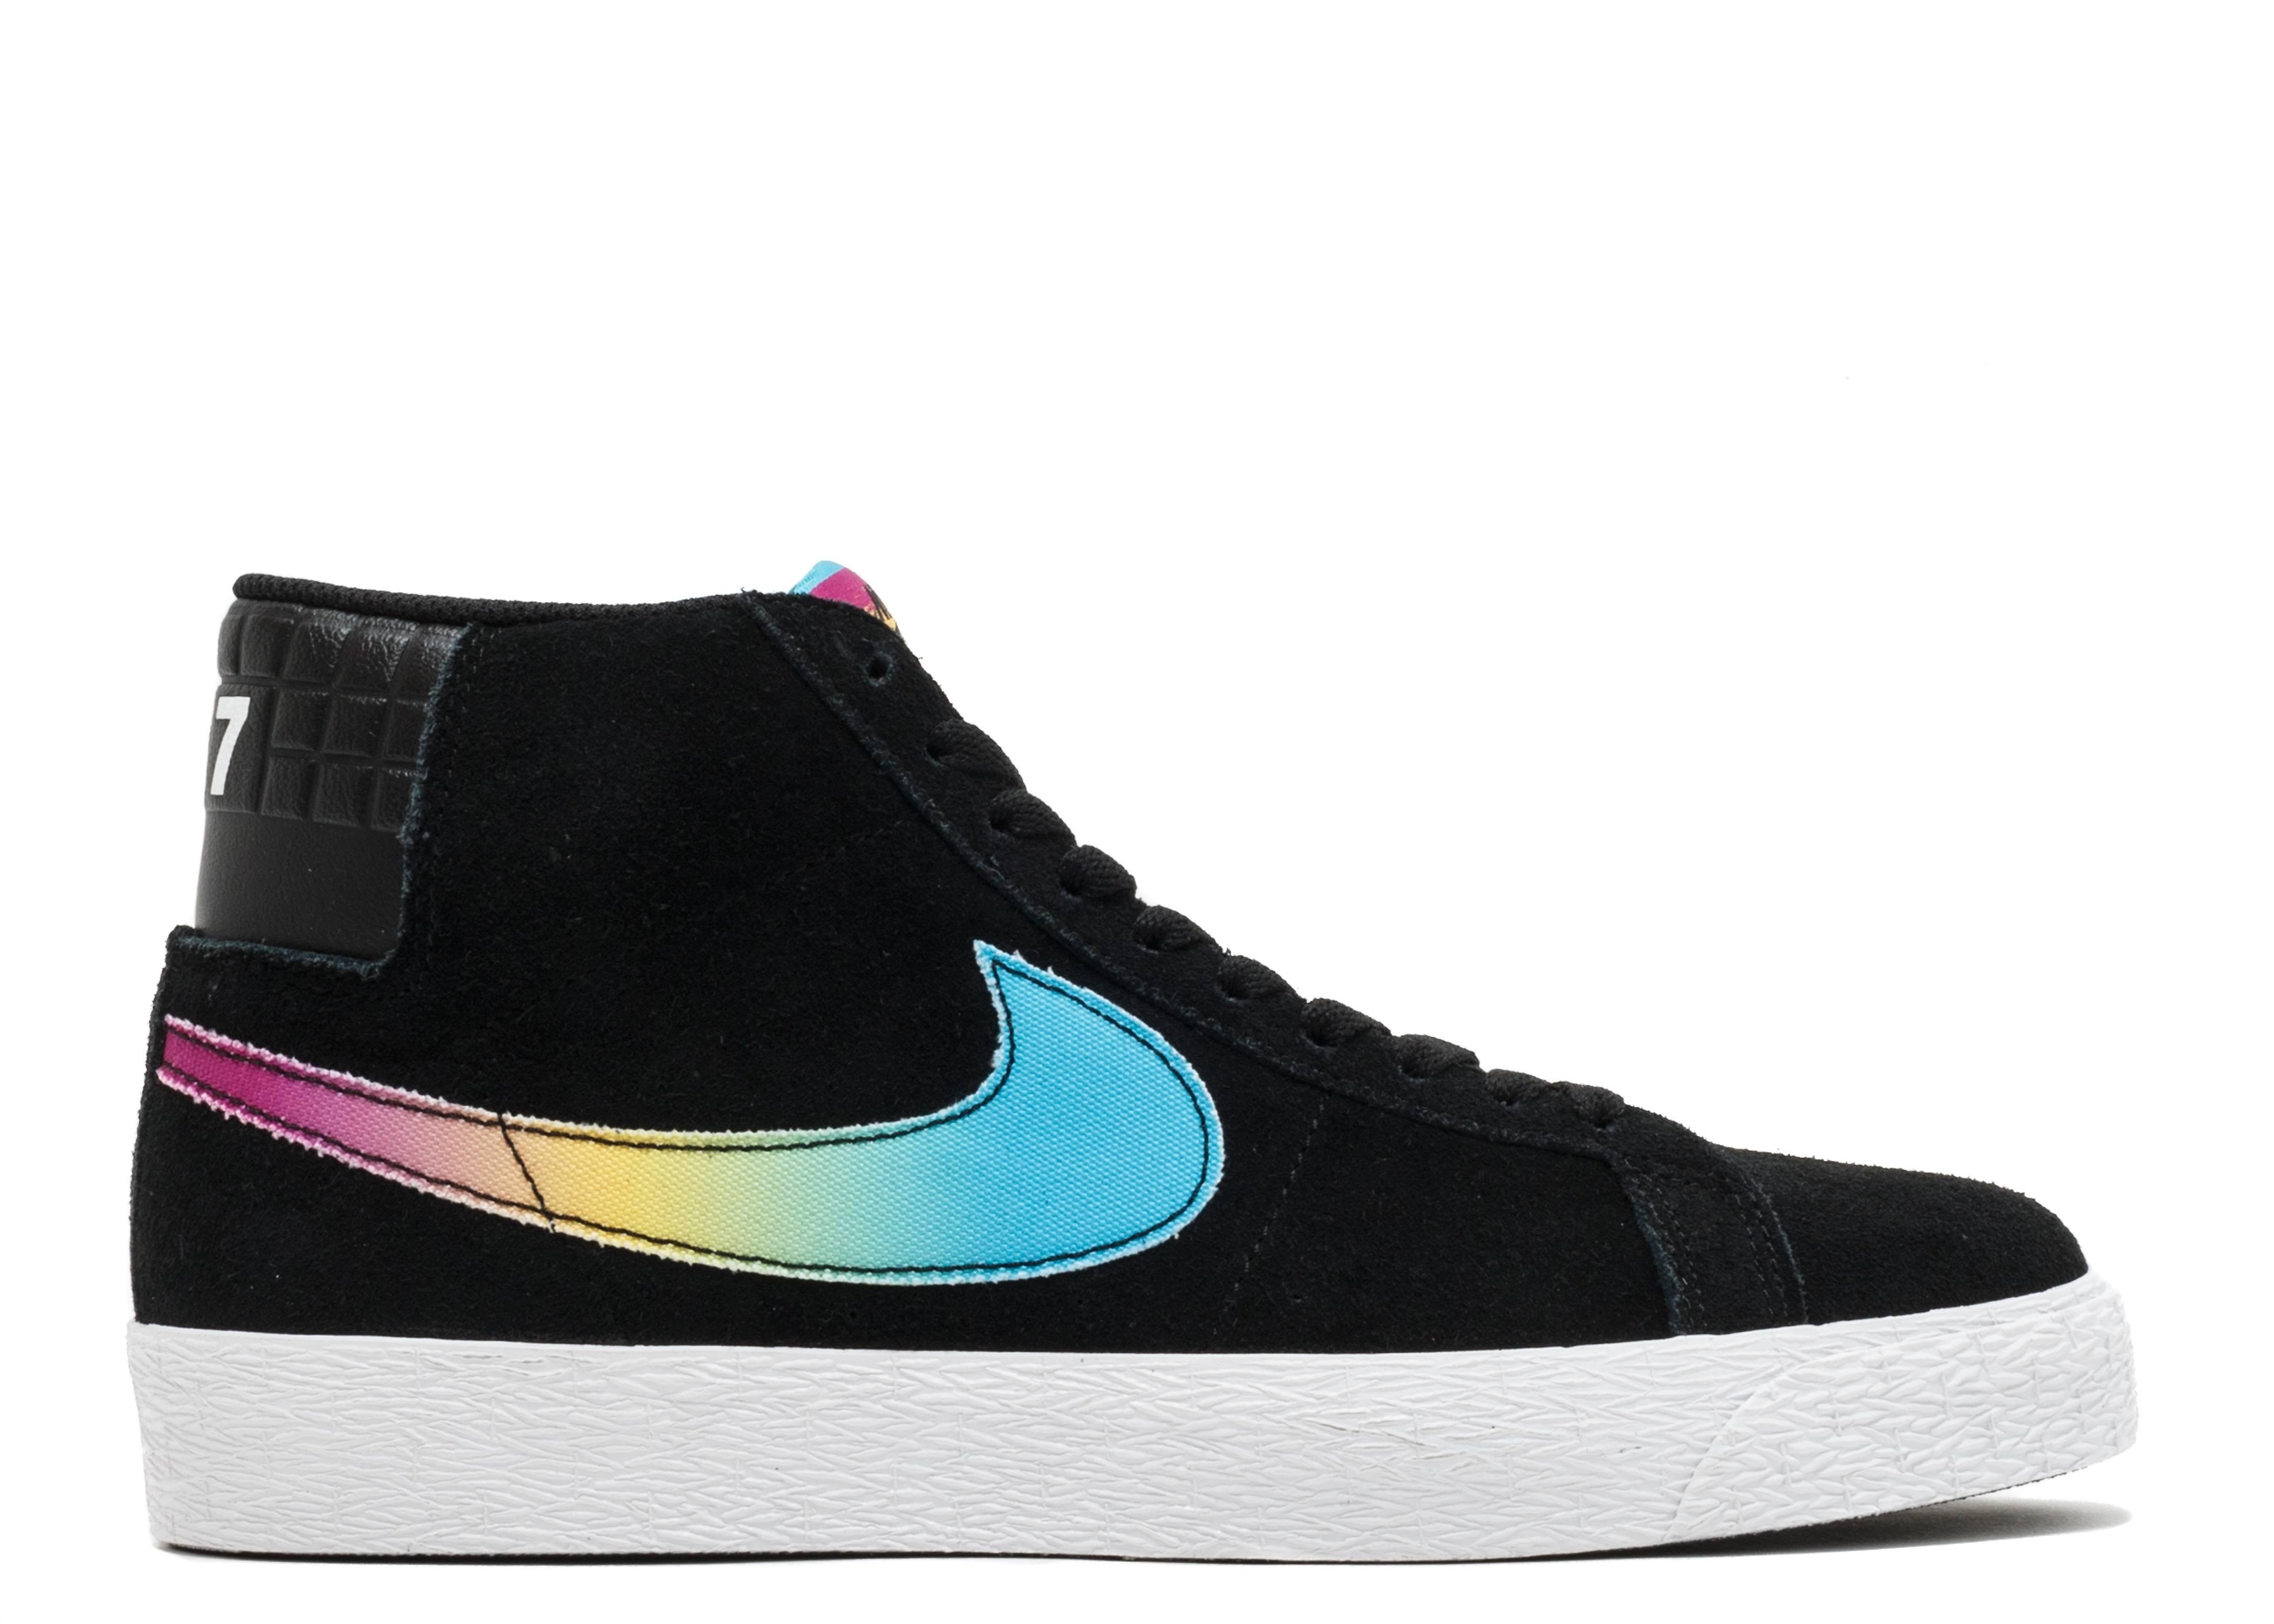 4ec9b8b1b5db Nike Sb Zoom Blazer Mid Qs